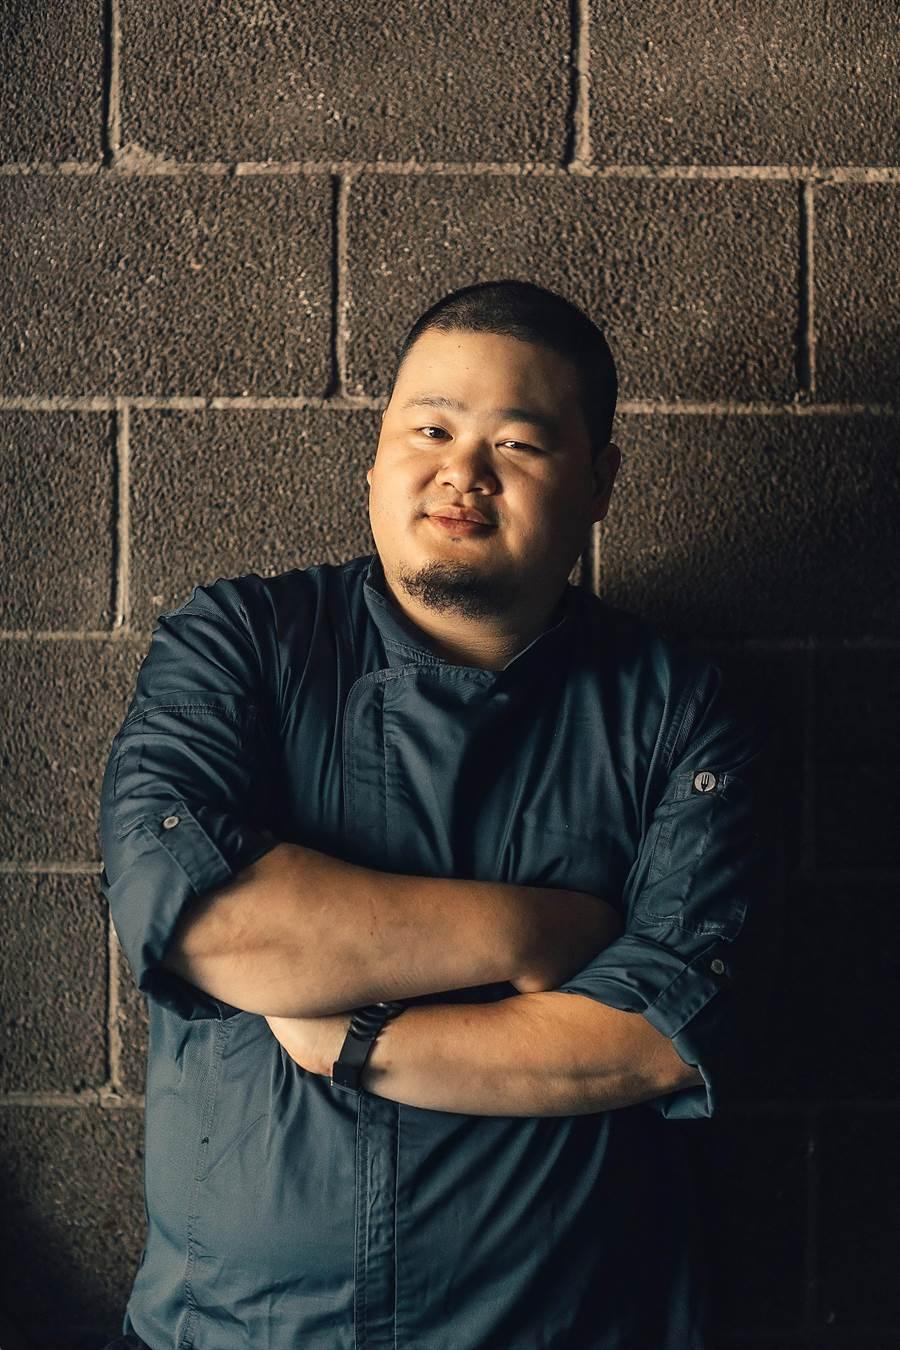 首位榮獲紐西蘭三帽的台灣主廚—李幸男(Nobu Lee),將於9/5日起客座台北晶華酒店〈Taste Lab〉。(圖/晶華酒店)